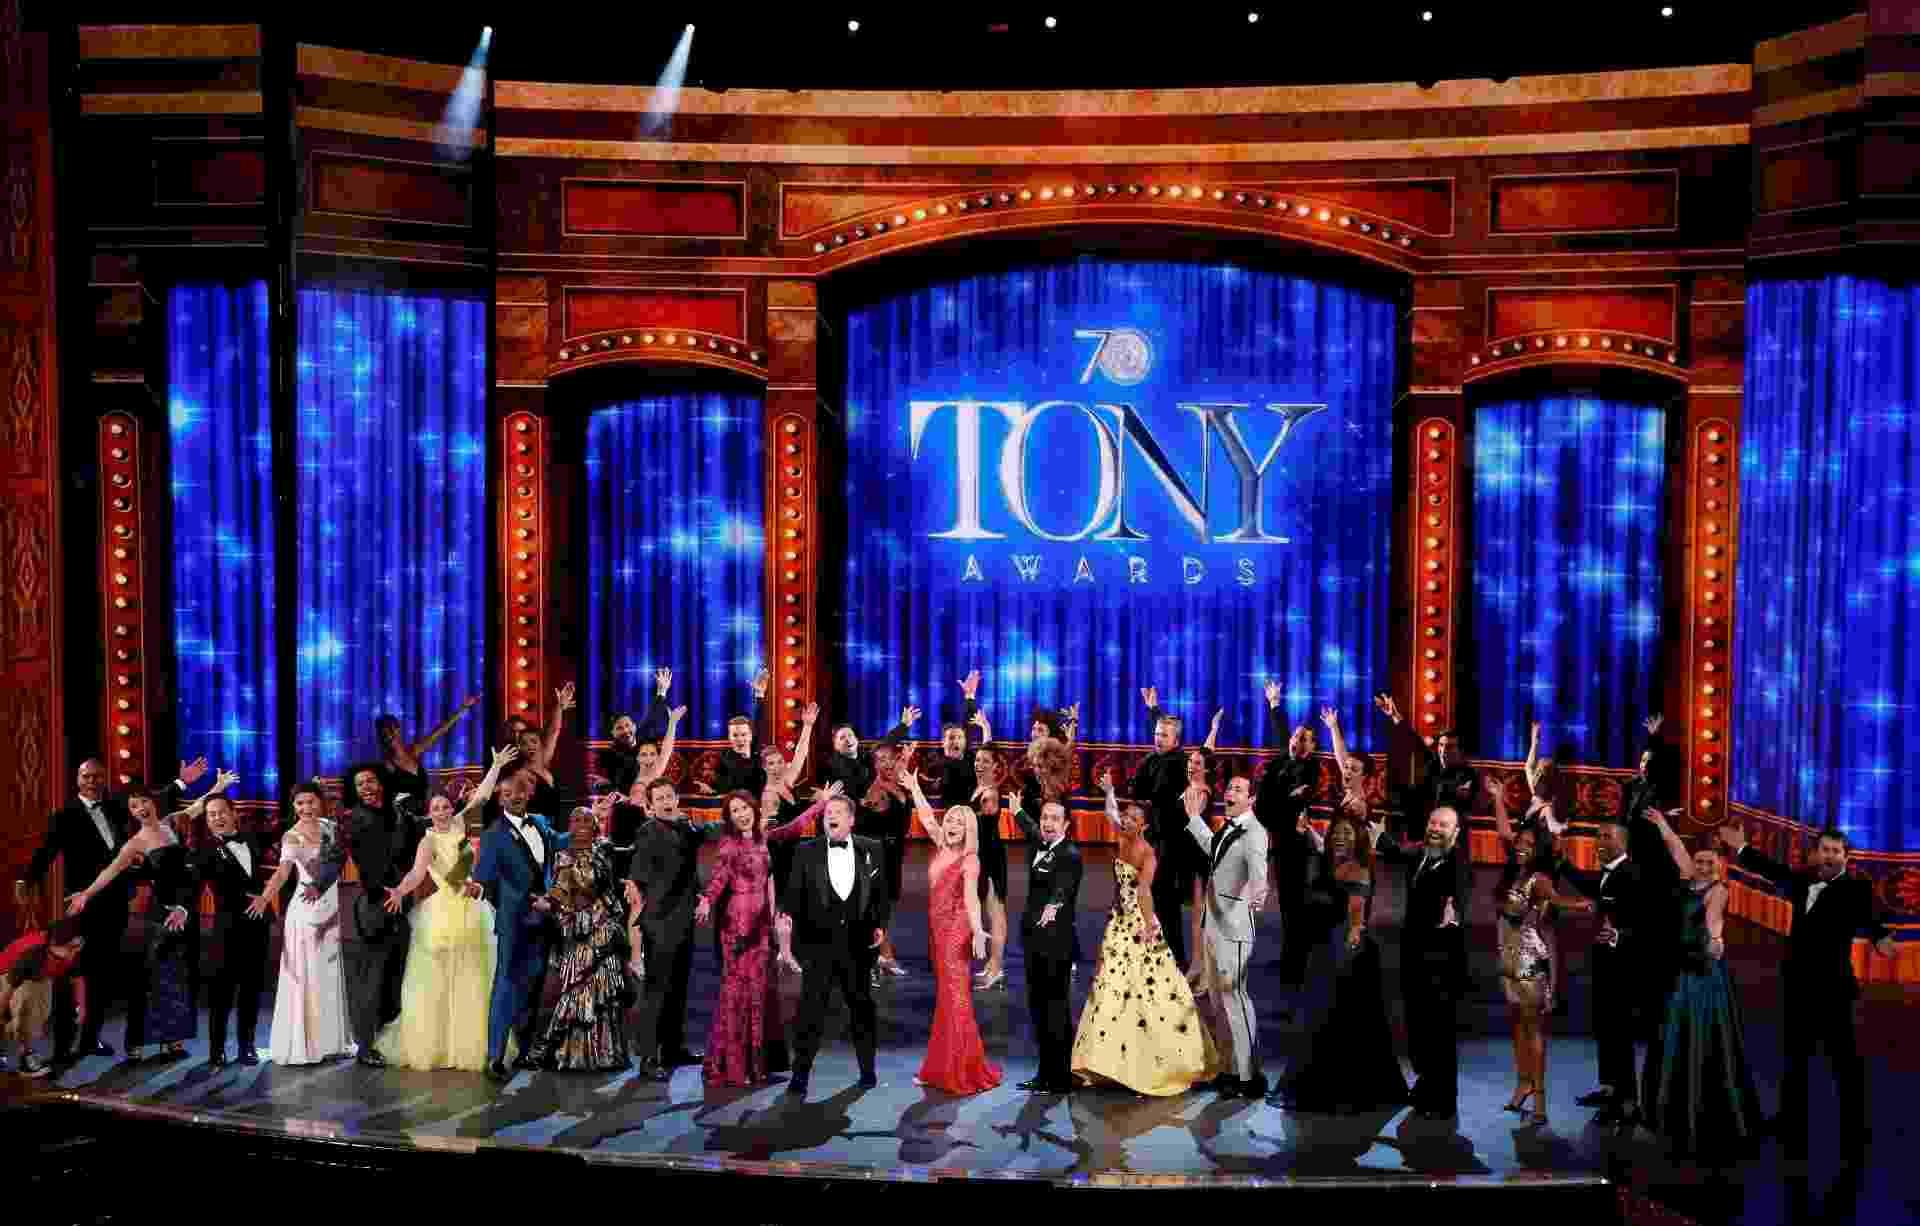 12.jun.2016 - Indicados ao Tony Awards e o apresentador James Corden se apresentam durante a cerimônia em Nova York - Reuters